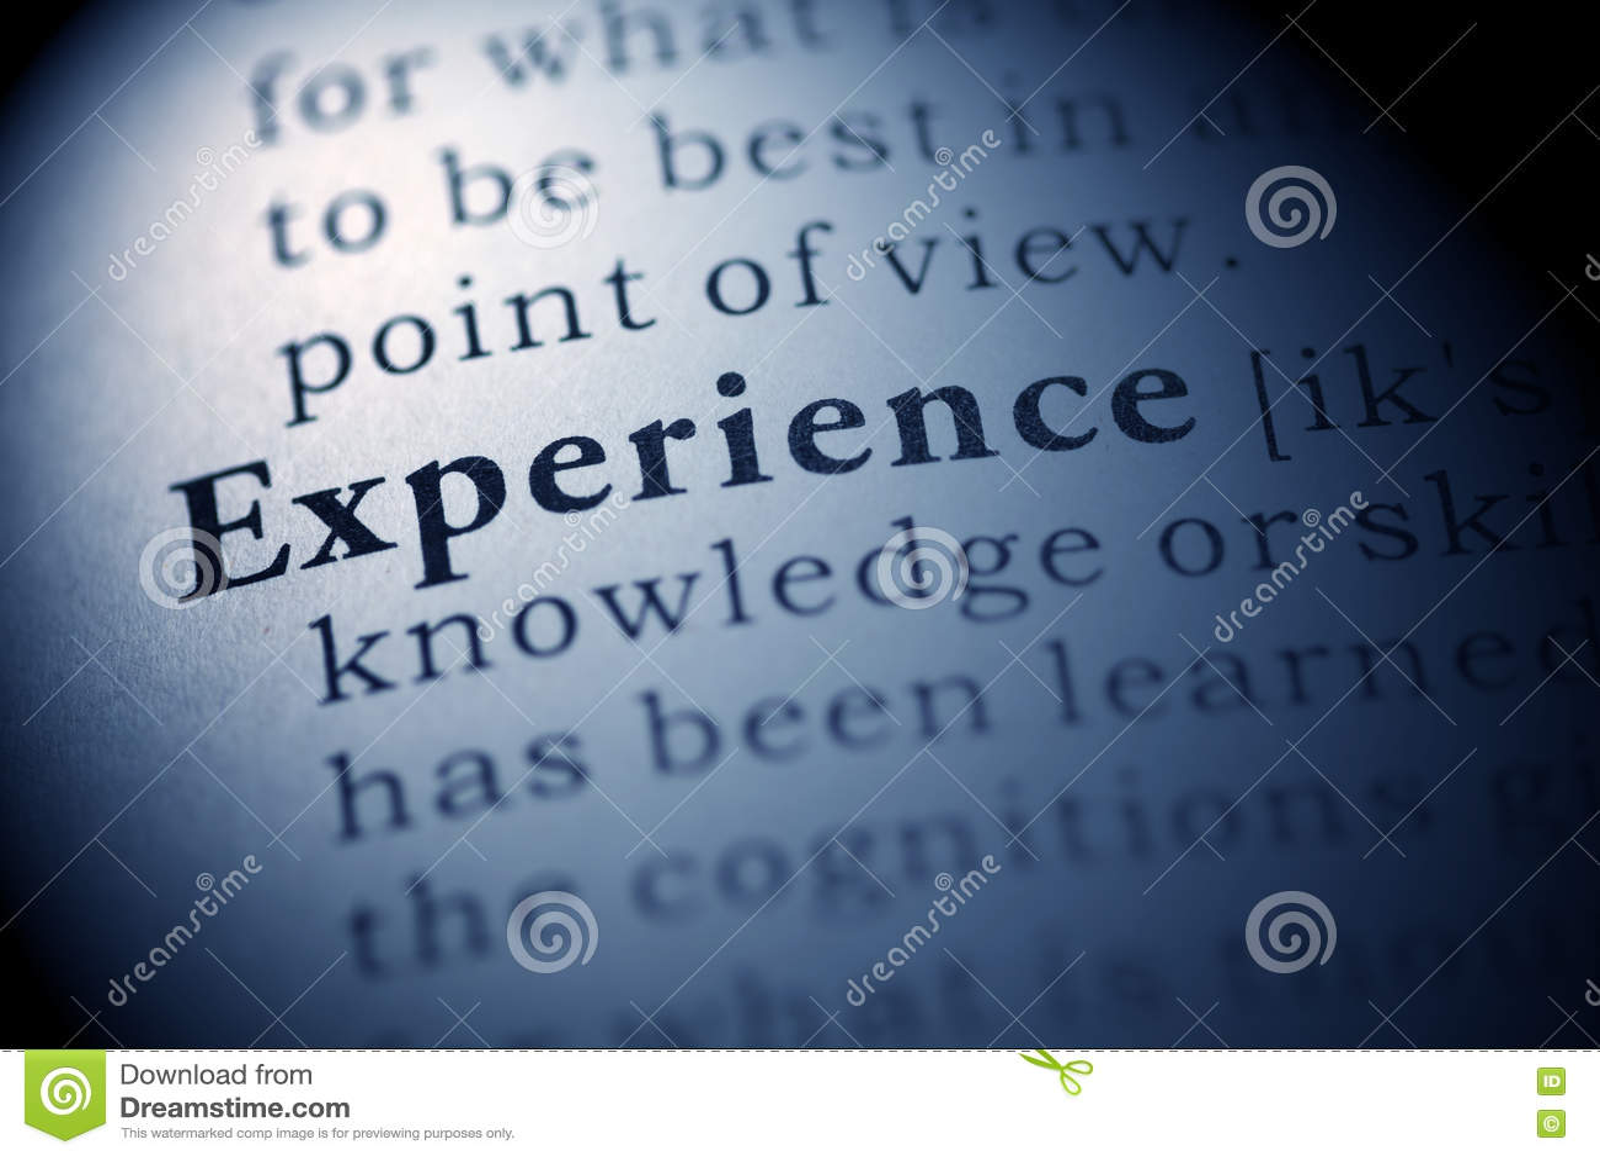 Esperienza